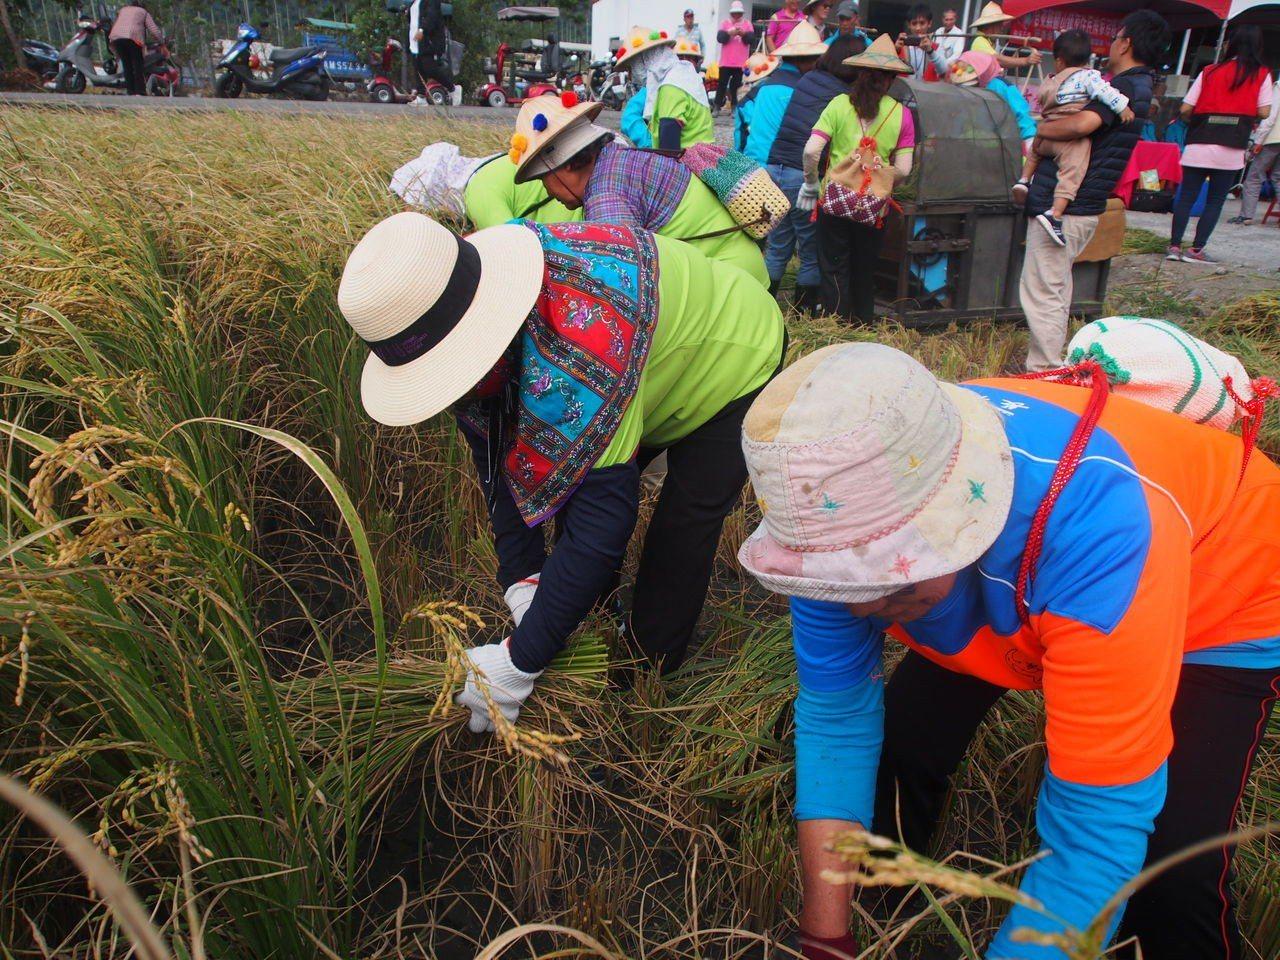 關山阿美族的阿嬤們俐落地拿著鐮刀割稻,重溫種稻收割時的喜悅。 記者潘俊偉/攝影